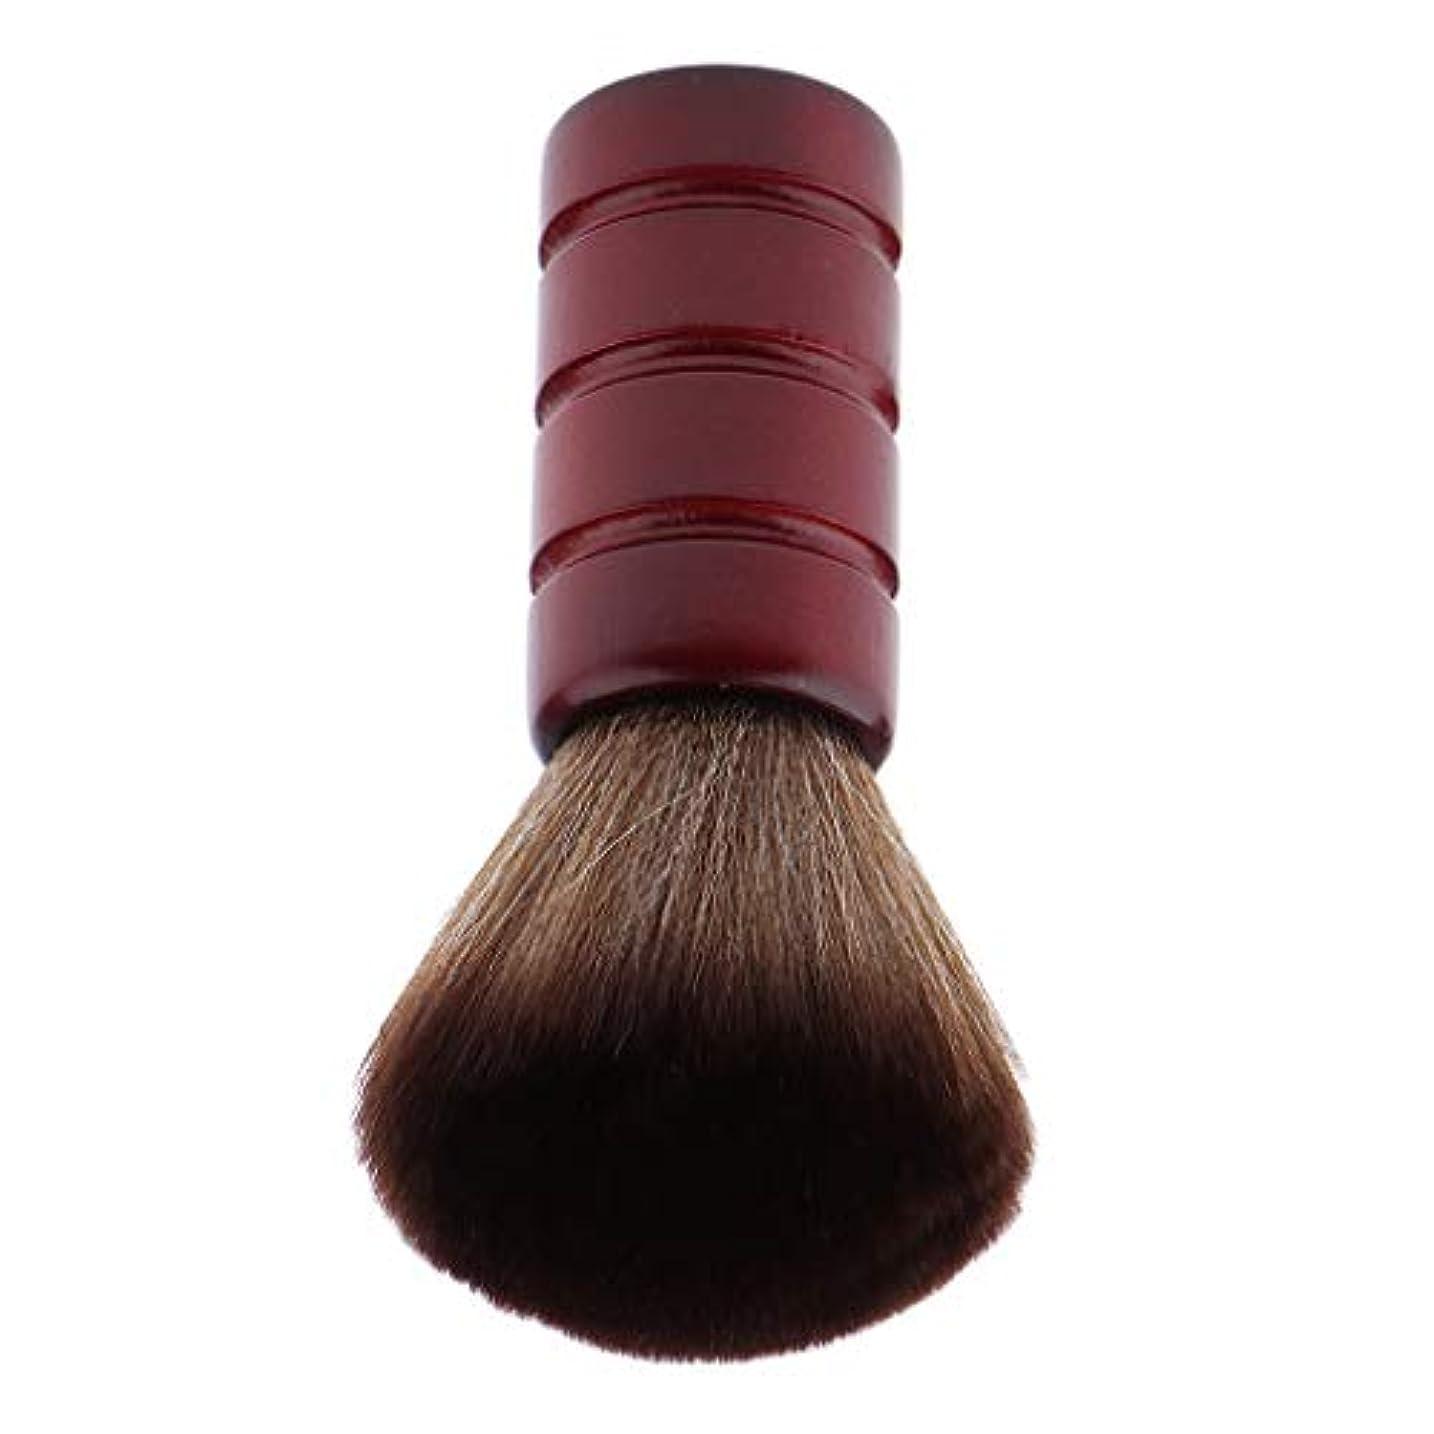 こねる韓国語ストッキングバーバー ネックダスターブラシ 理髪 サロン 顔のダスターブラシ シェービング ヘアカット ブラシ